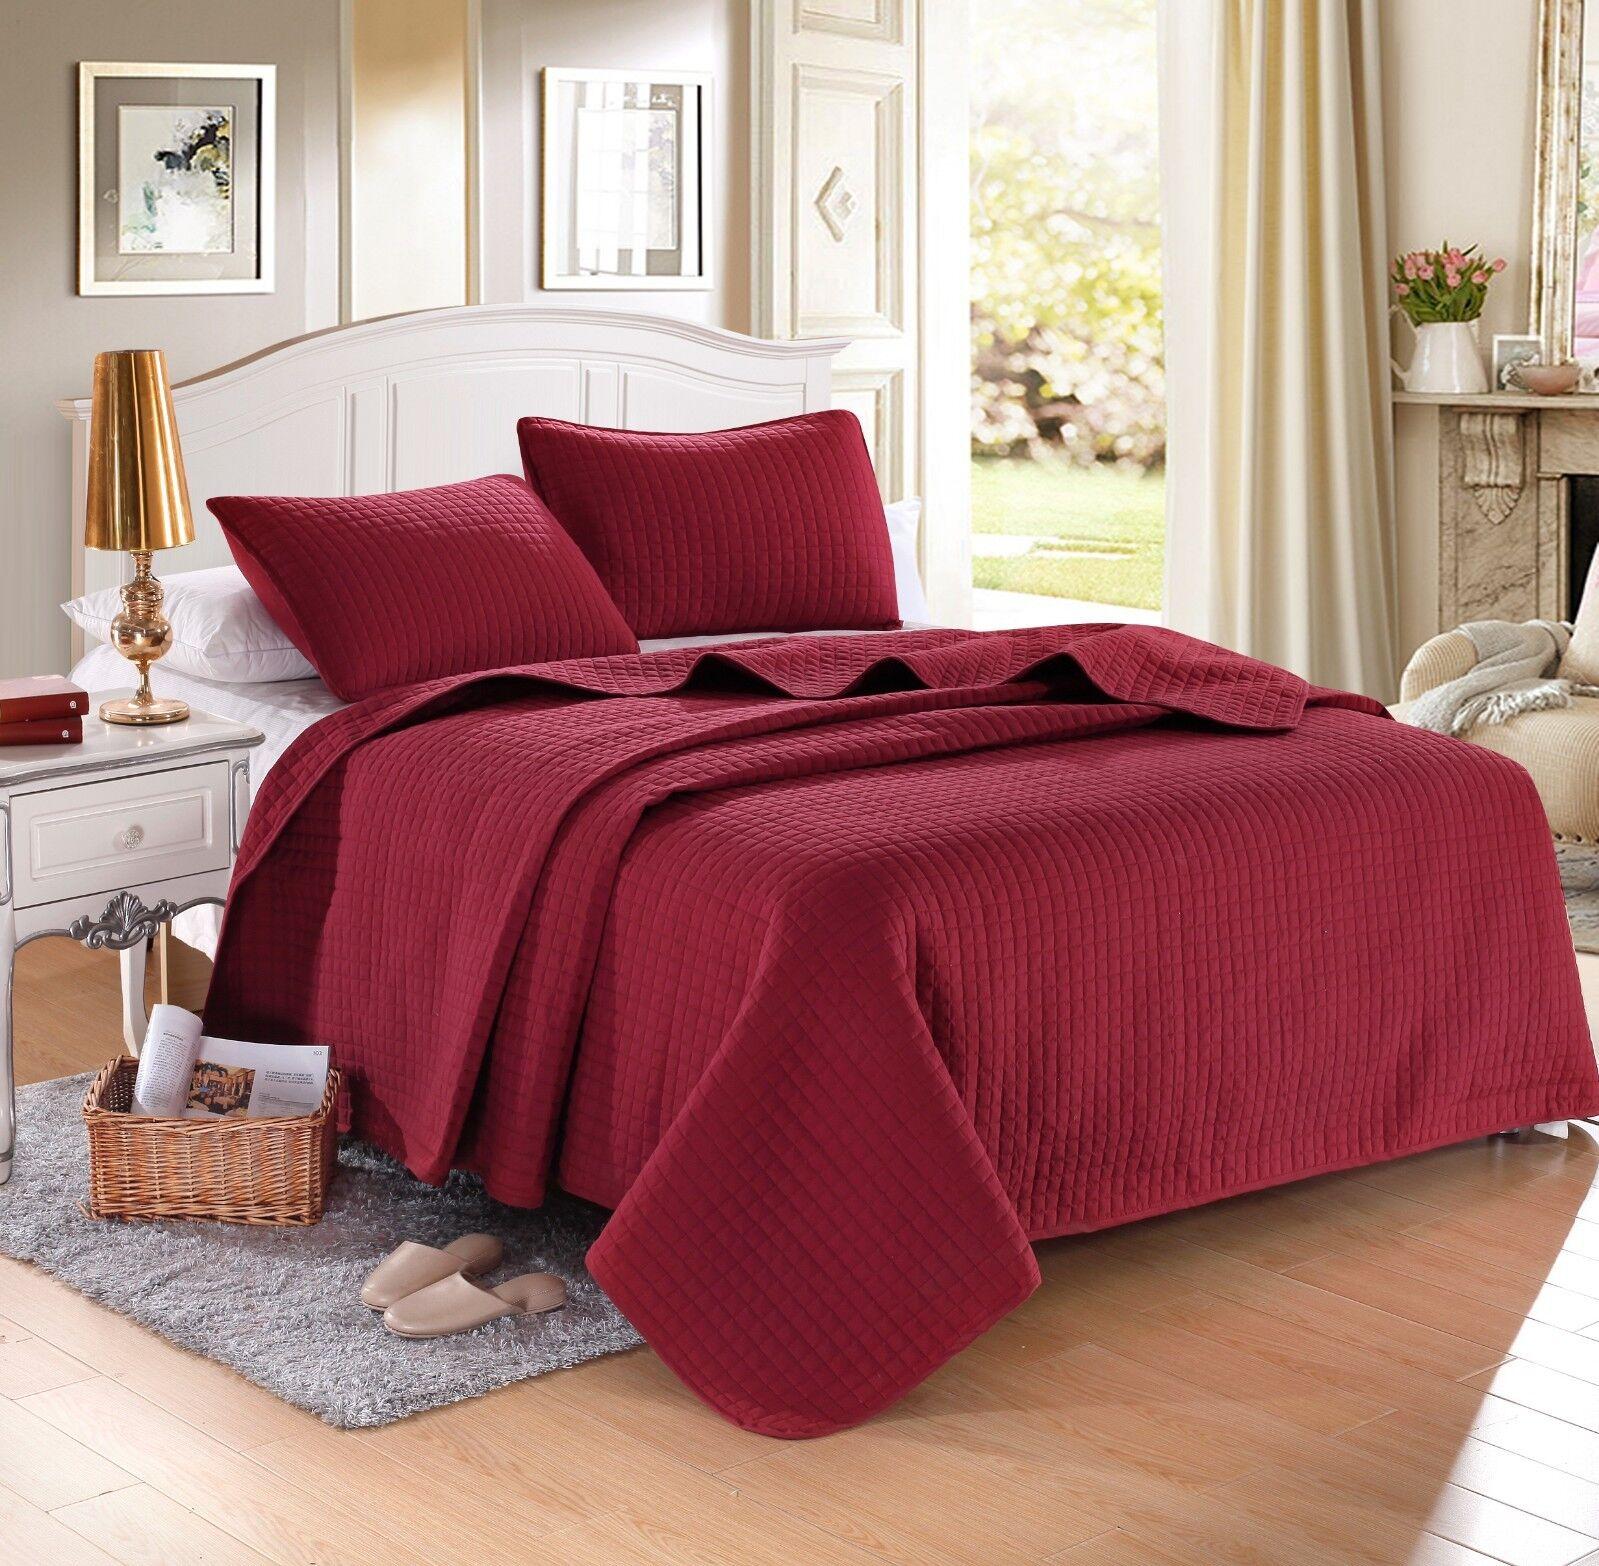 Everest Bedspread Set Solid Color Quilted Coverlet + 2 Sham